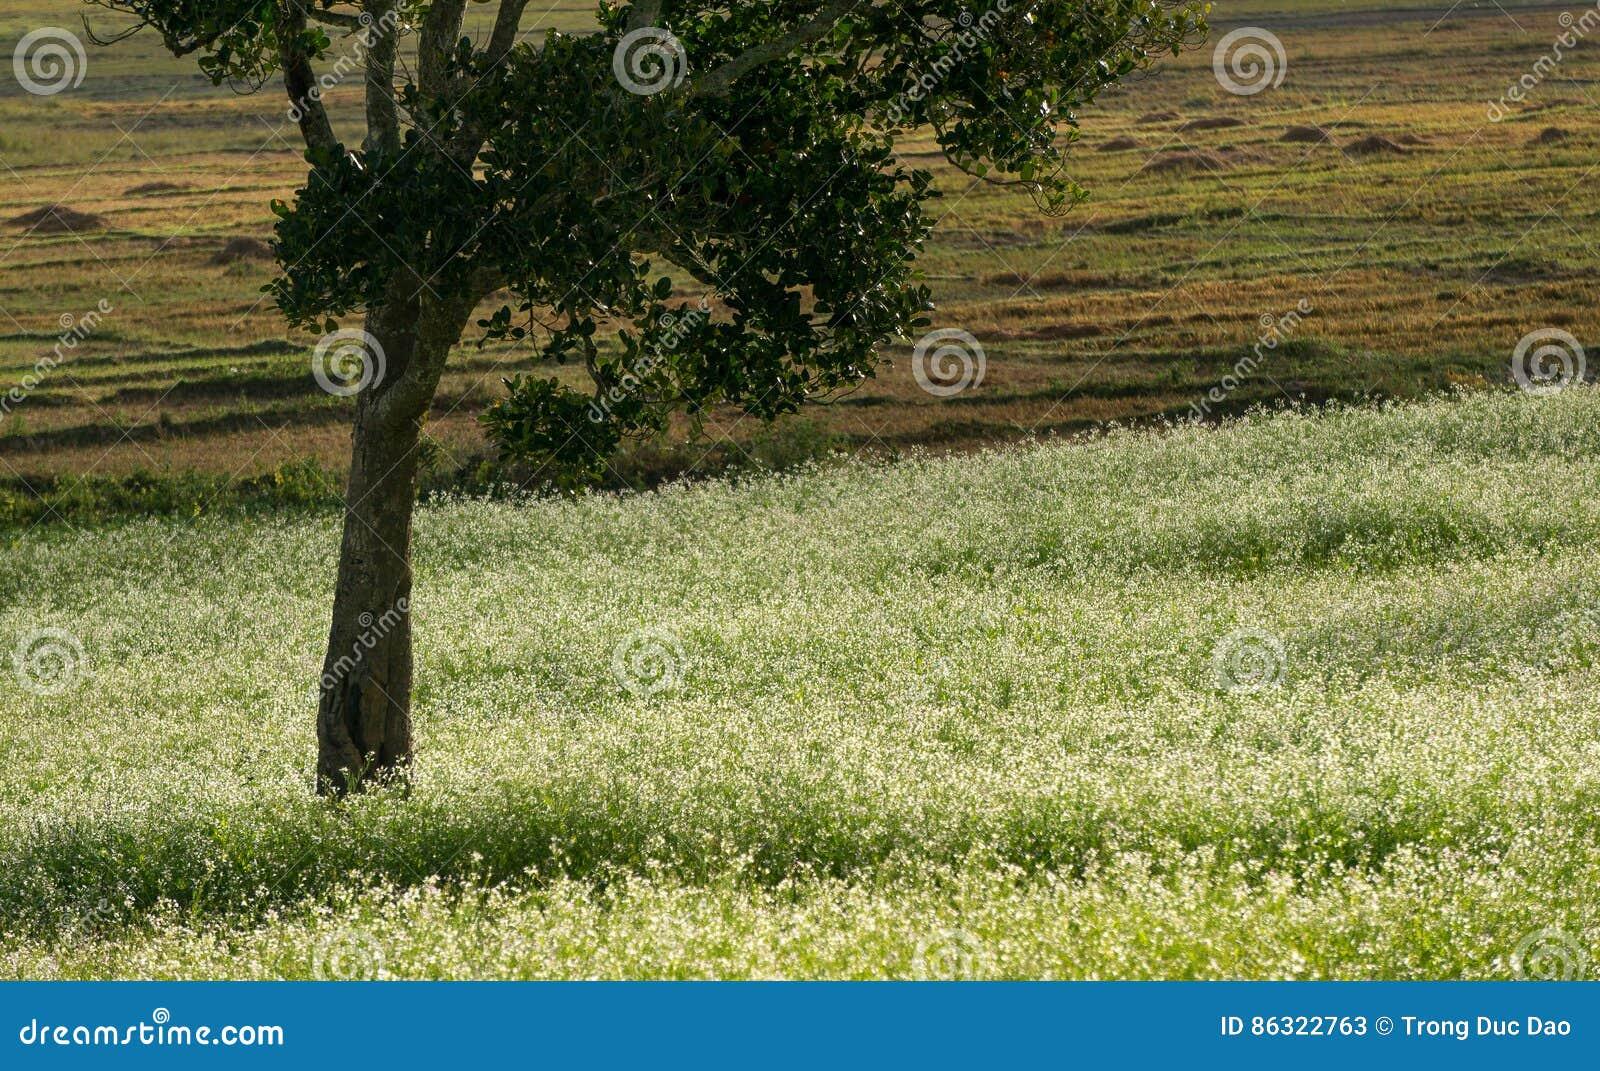 Sonnen Sie sich und das Senffeld mit weißer Blume in DonDuong - Dalat- Vietnam